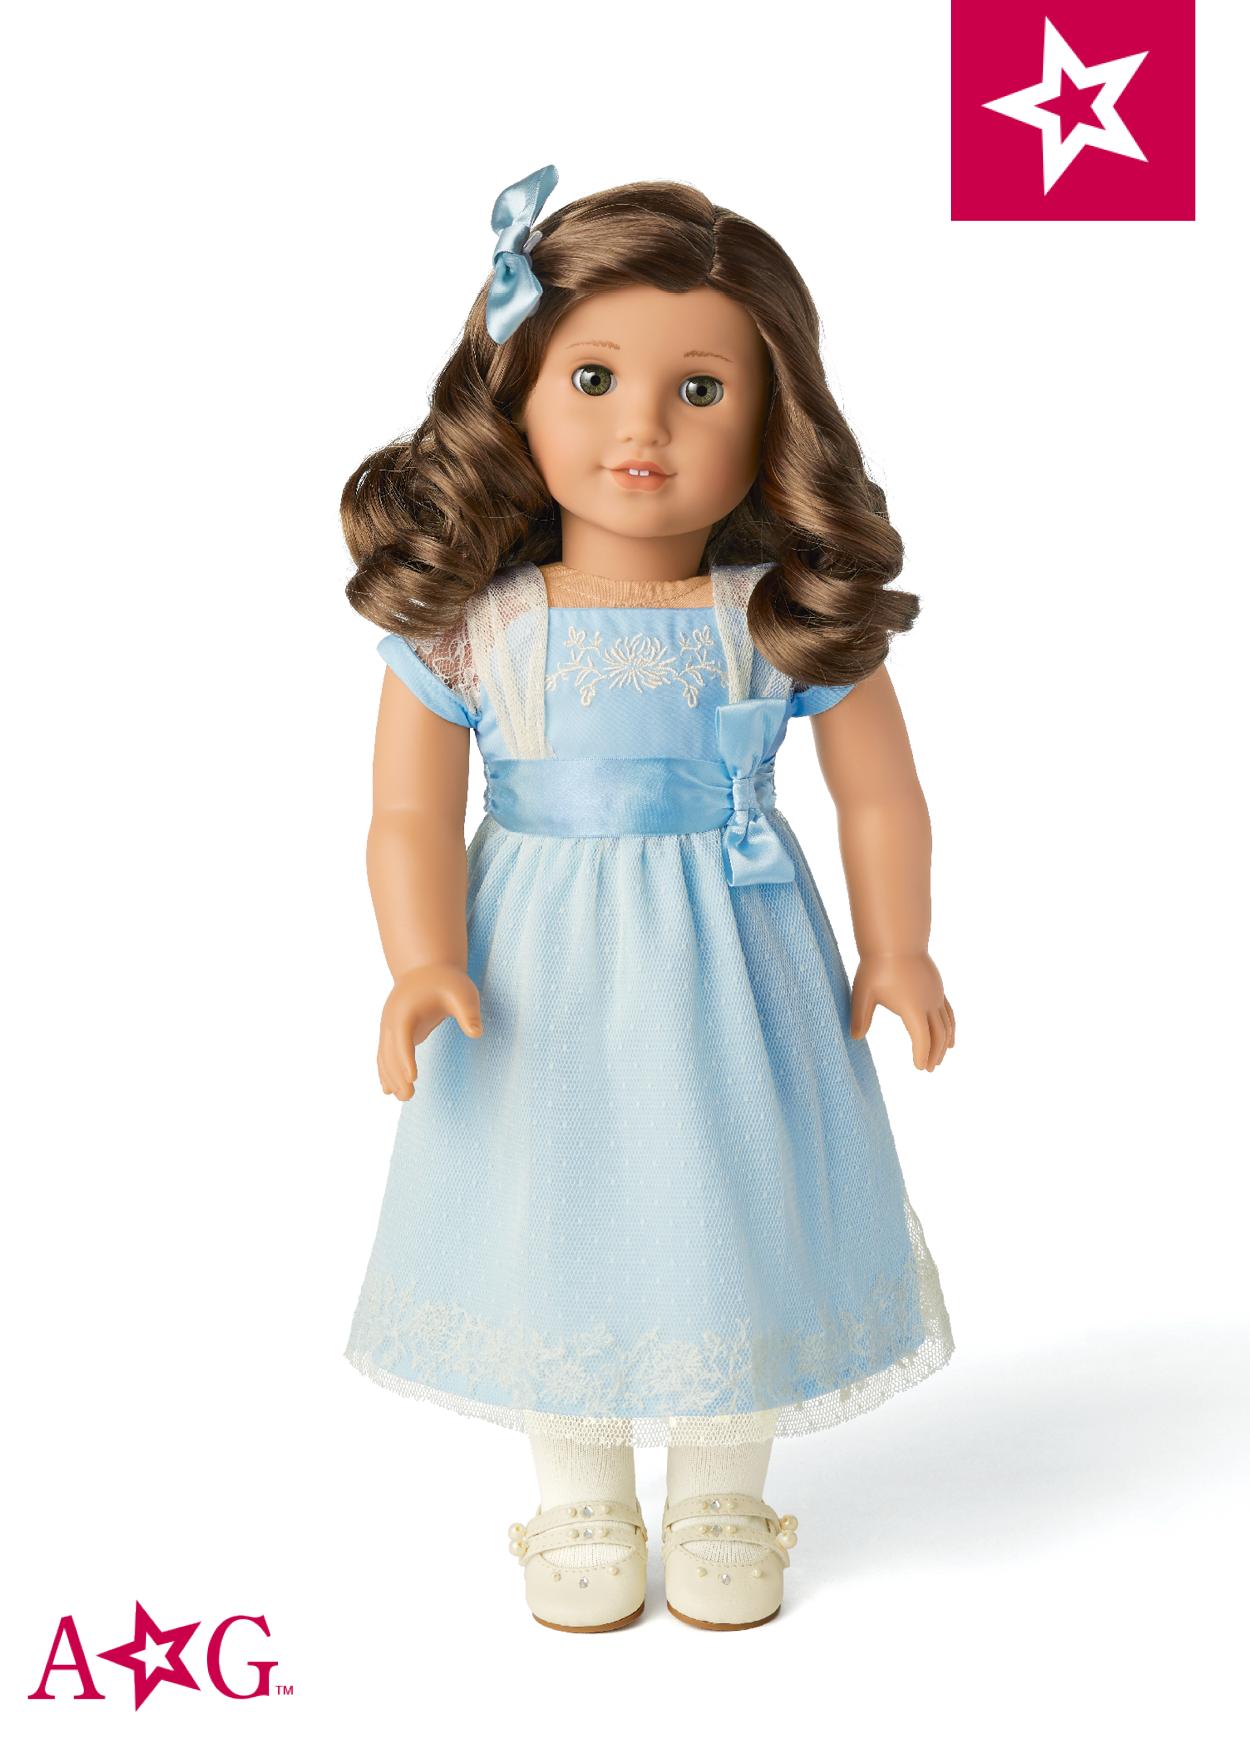 Doll Socks fitting 18 in American Girl Dolls White Frog SOCKS!